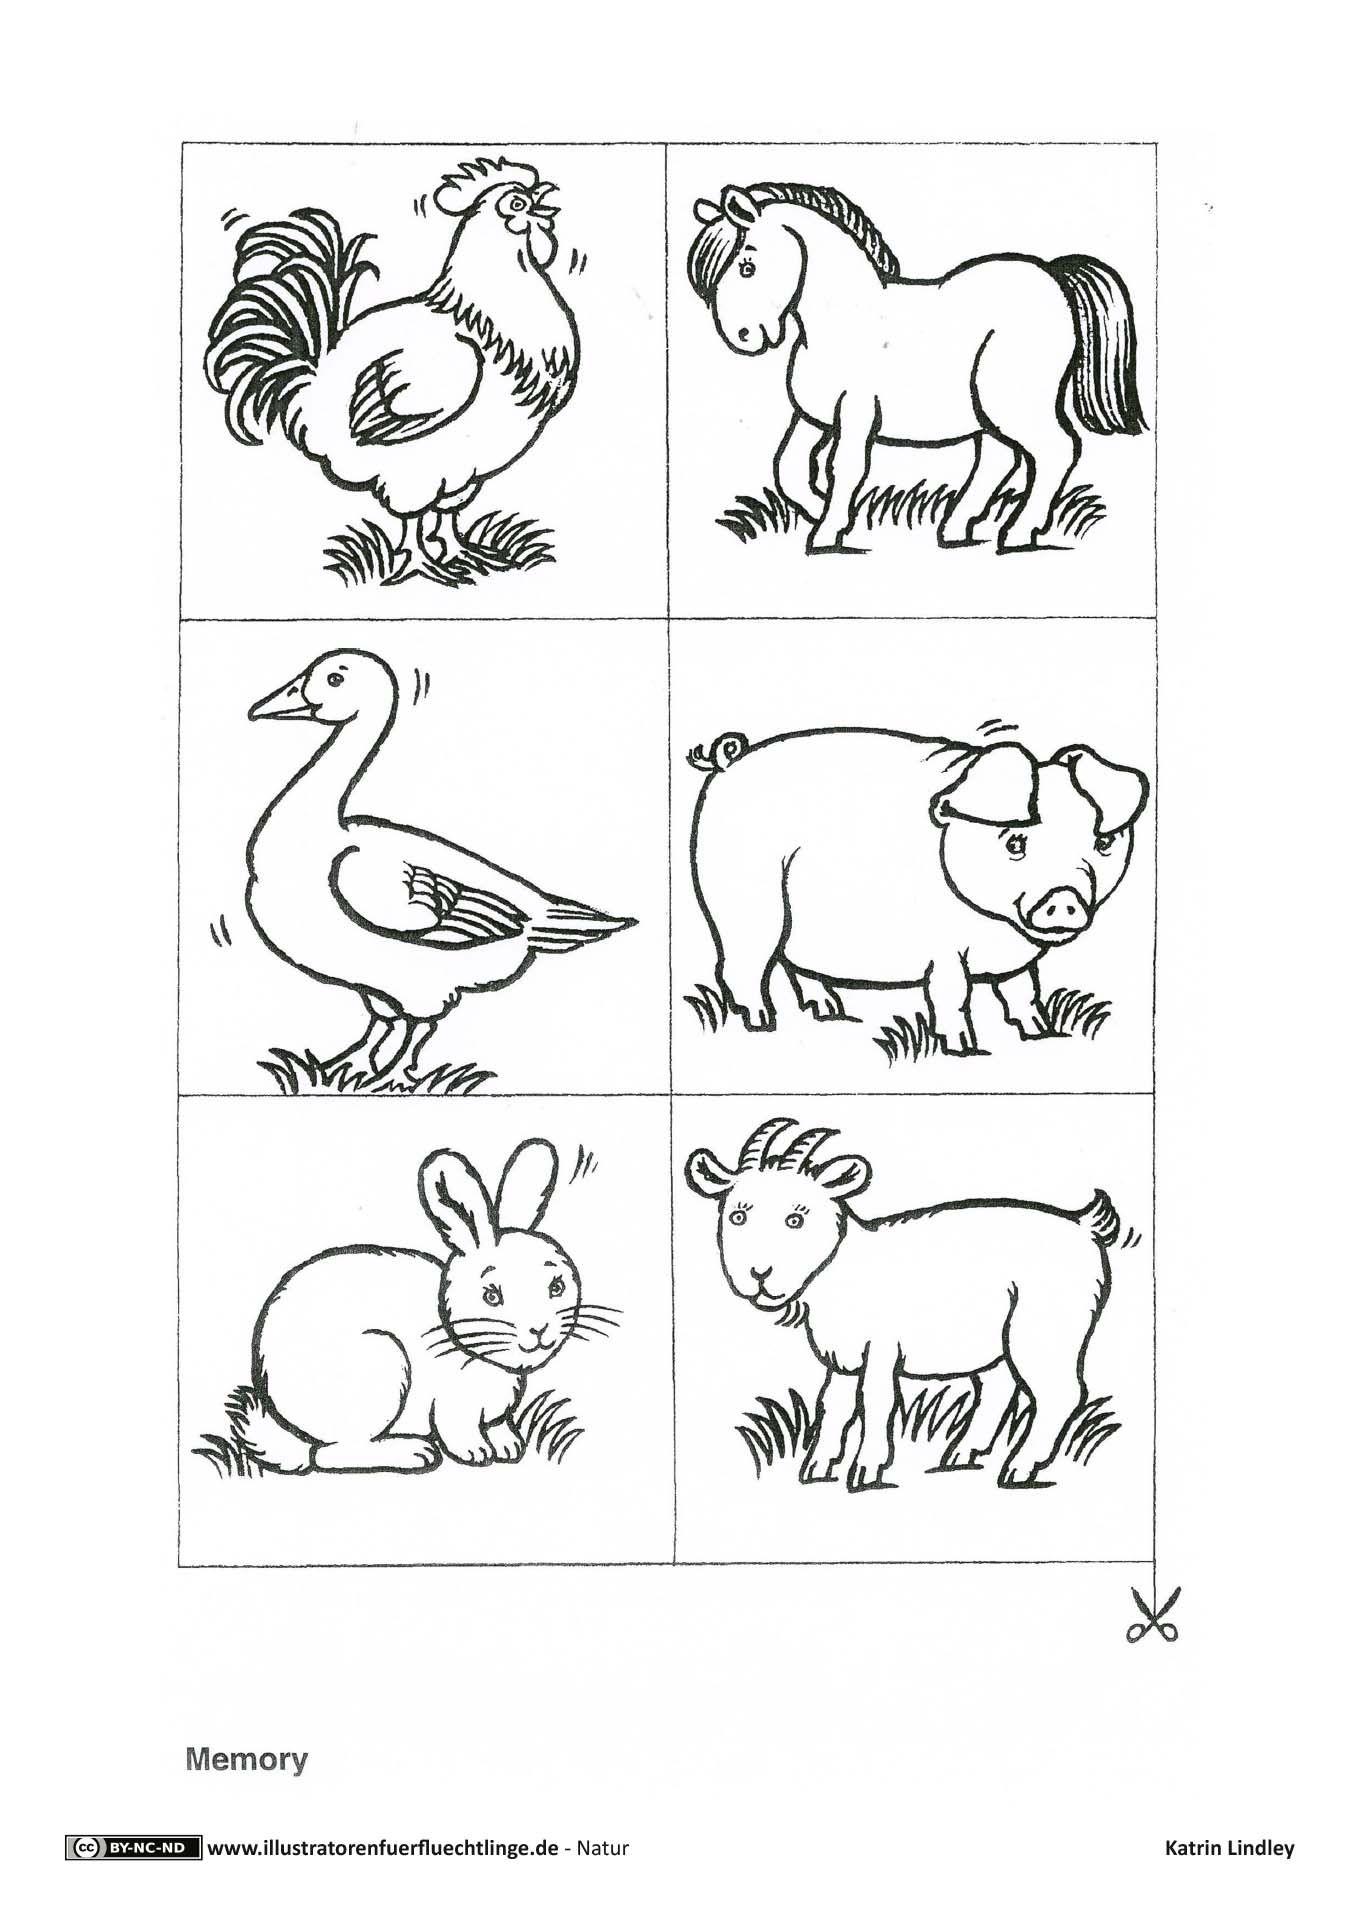 Download als PDF (9 Seiten): Natur – Bauernhof Tiere Memory